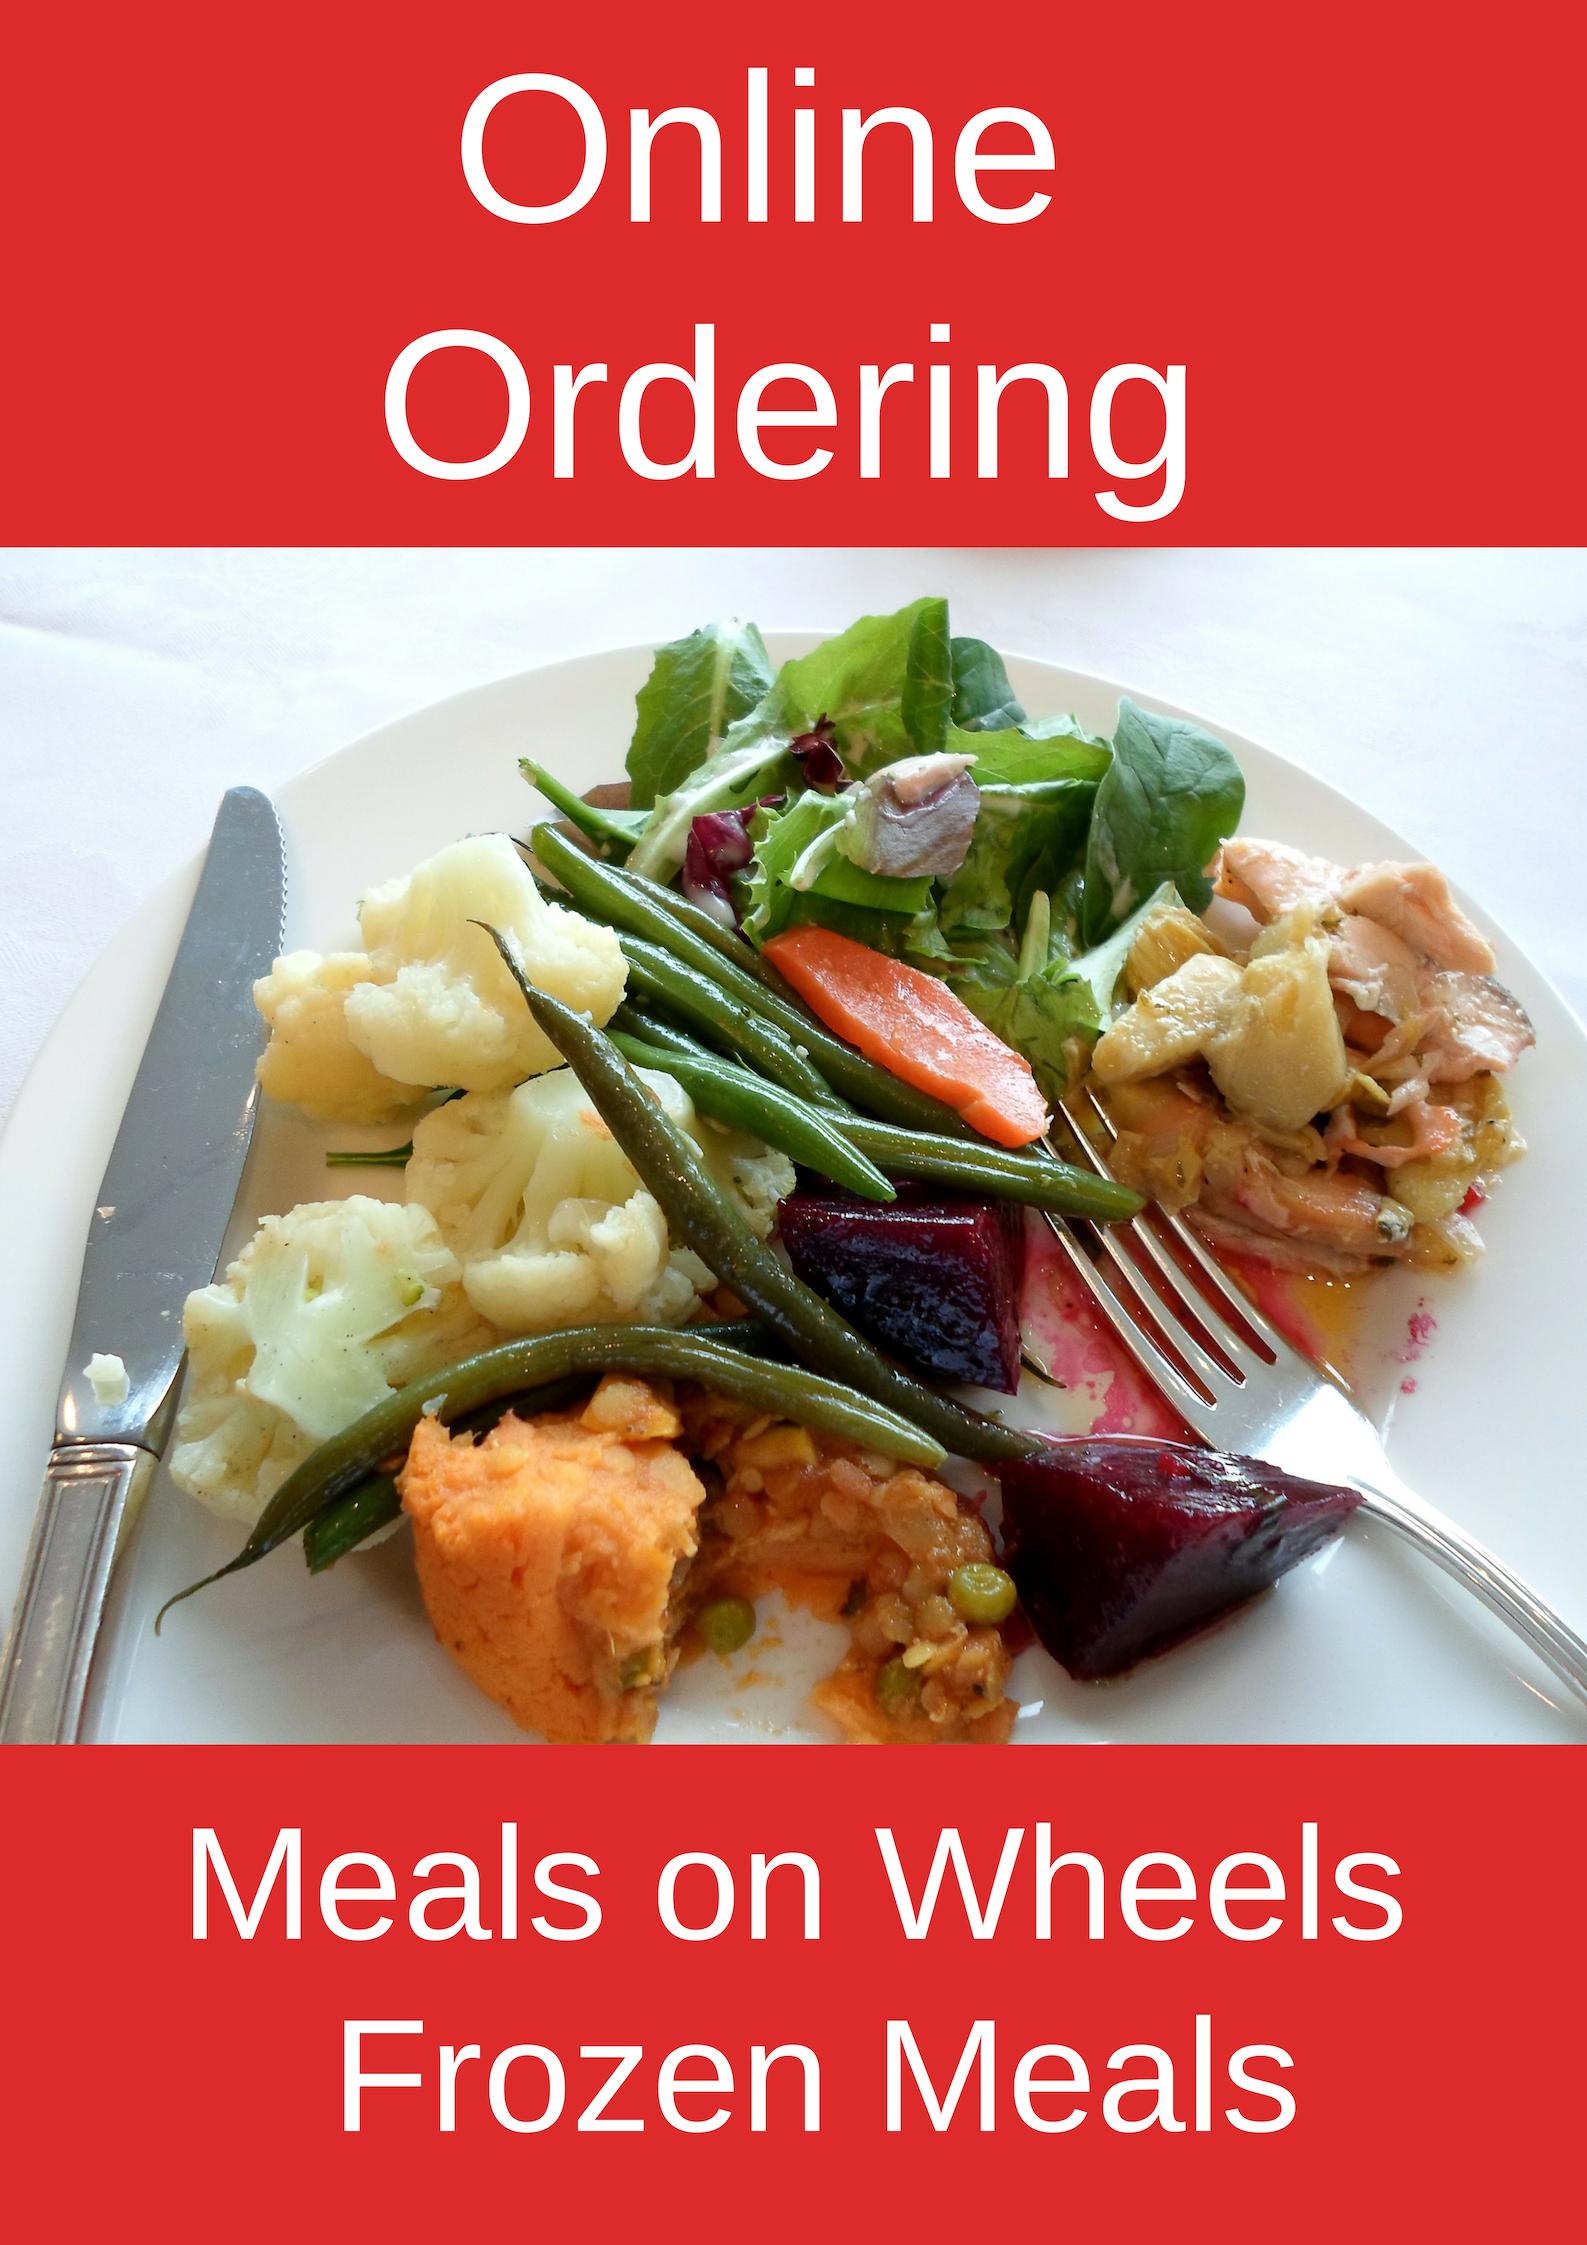 Online ordering.jpg